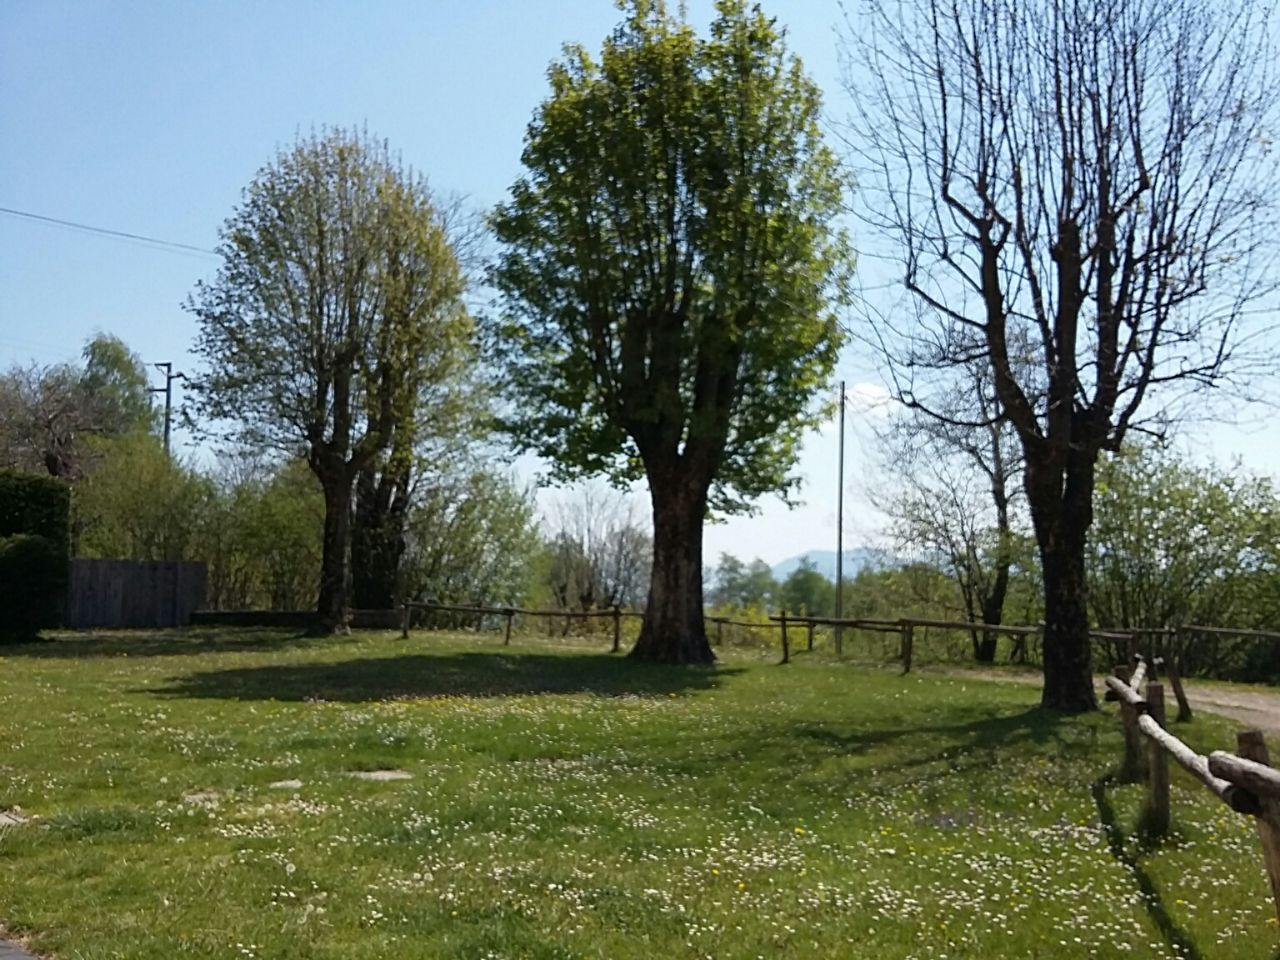 Oggebbio Manegra casa e albergo con giardino